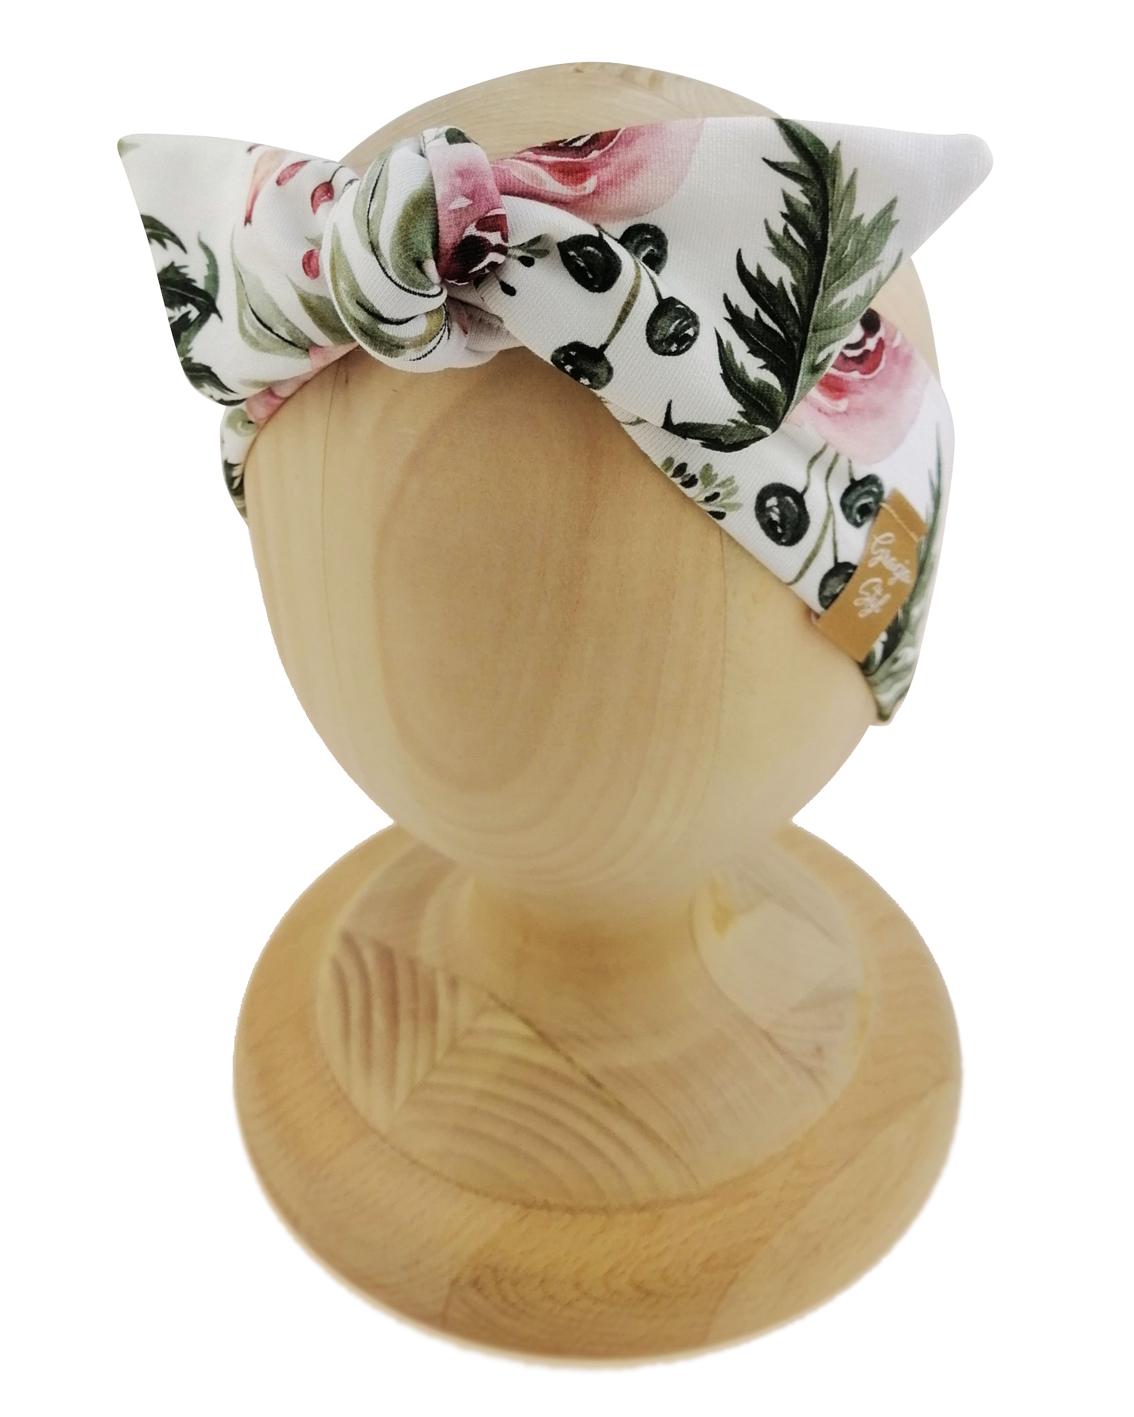 Opaska kobieca typu Pin-up marki Gracja Styl. Uszyta z bawełny petelkowej typu dresówka. Wzór garden.